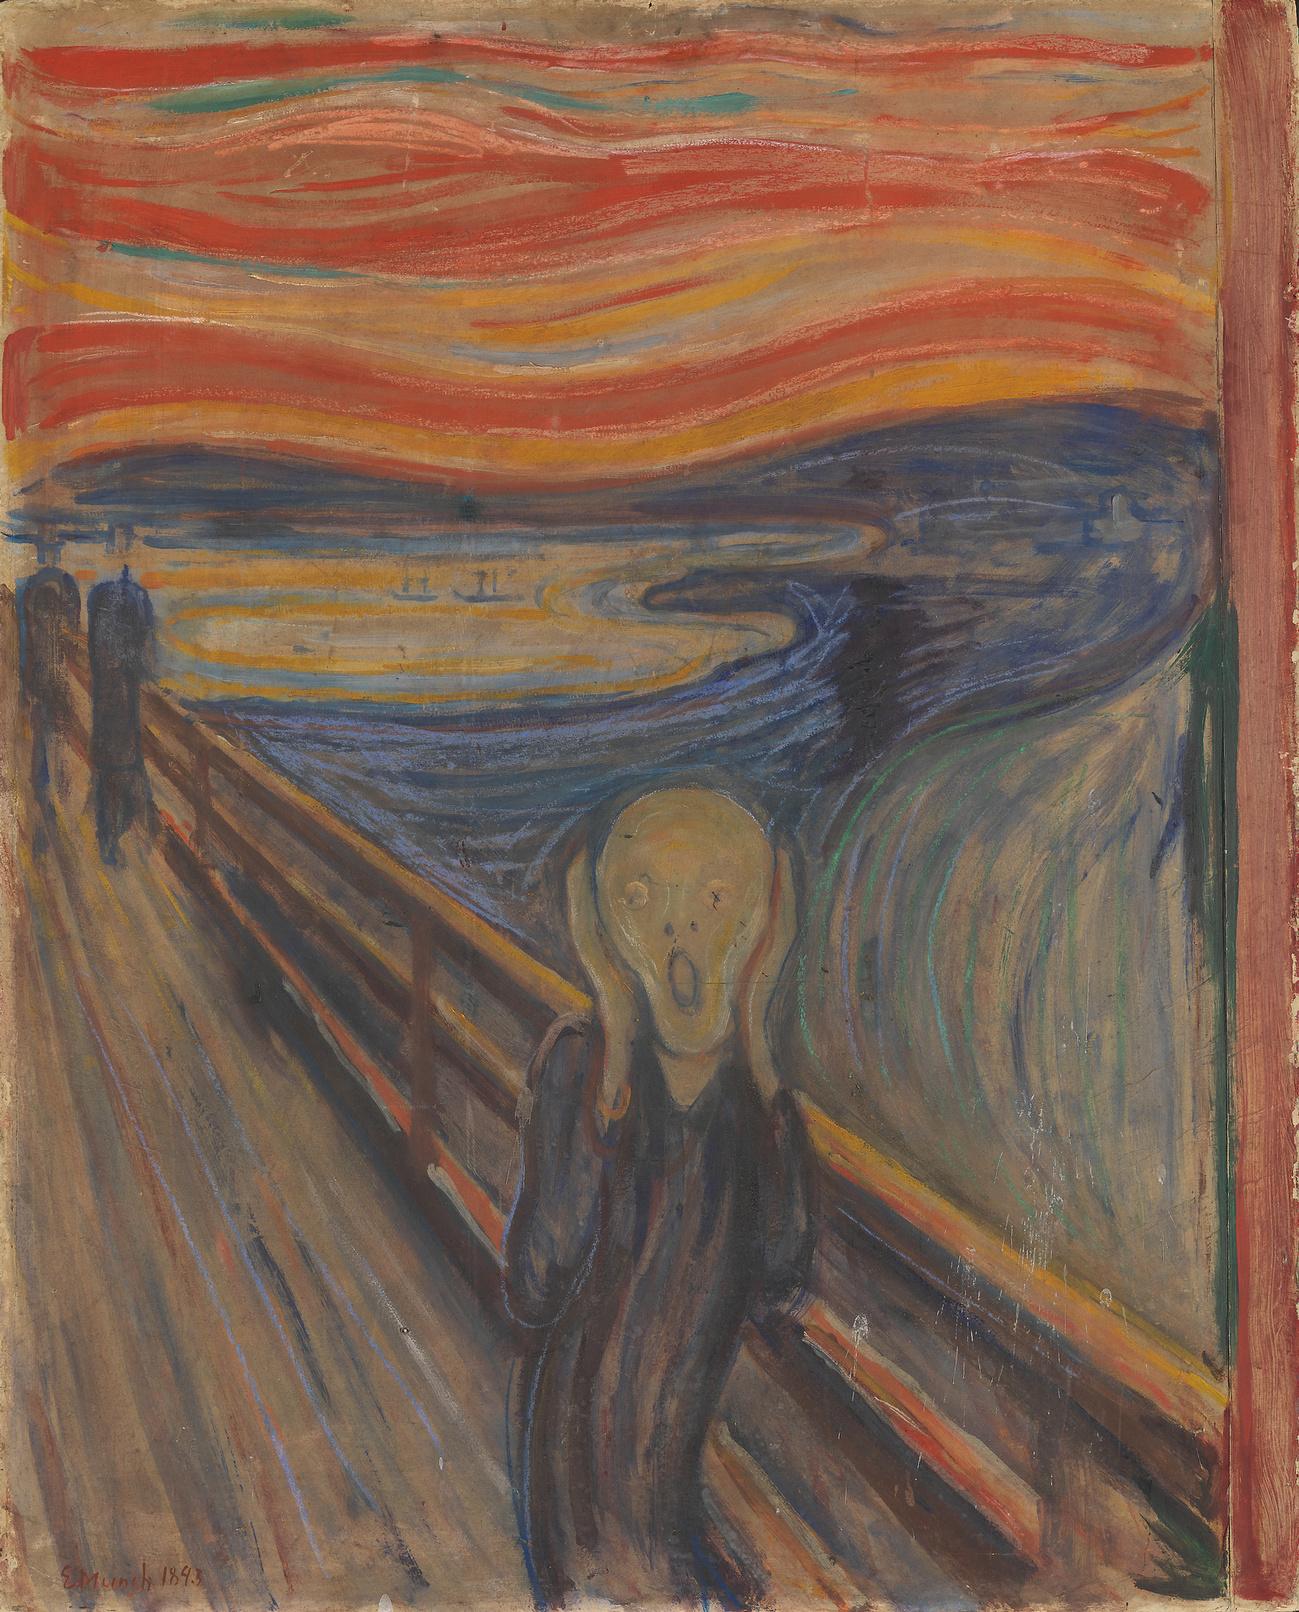 Le Cri d'Edvard Munch exposé au Musée national de Norvège, Boerre Hoestland / The NATIONAL MUSEUM OF NORWAY / AFP